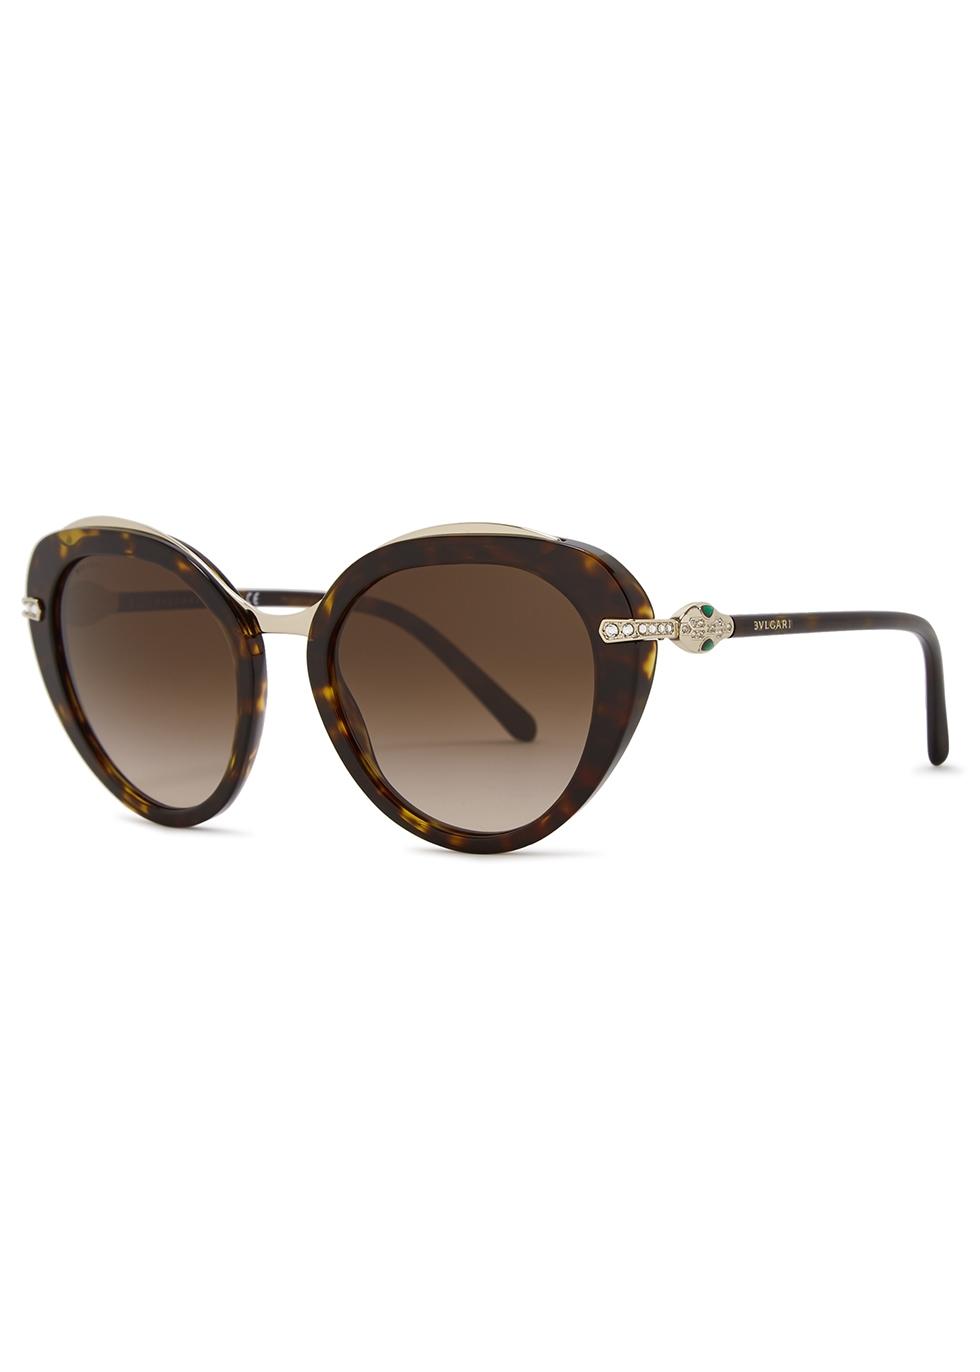 Tortoiseshell oversized sunglasses - BVLGARI